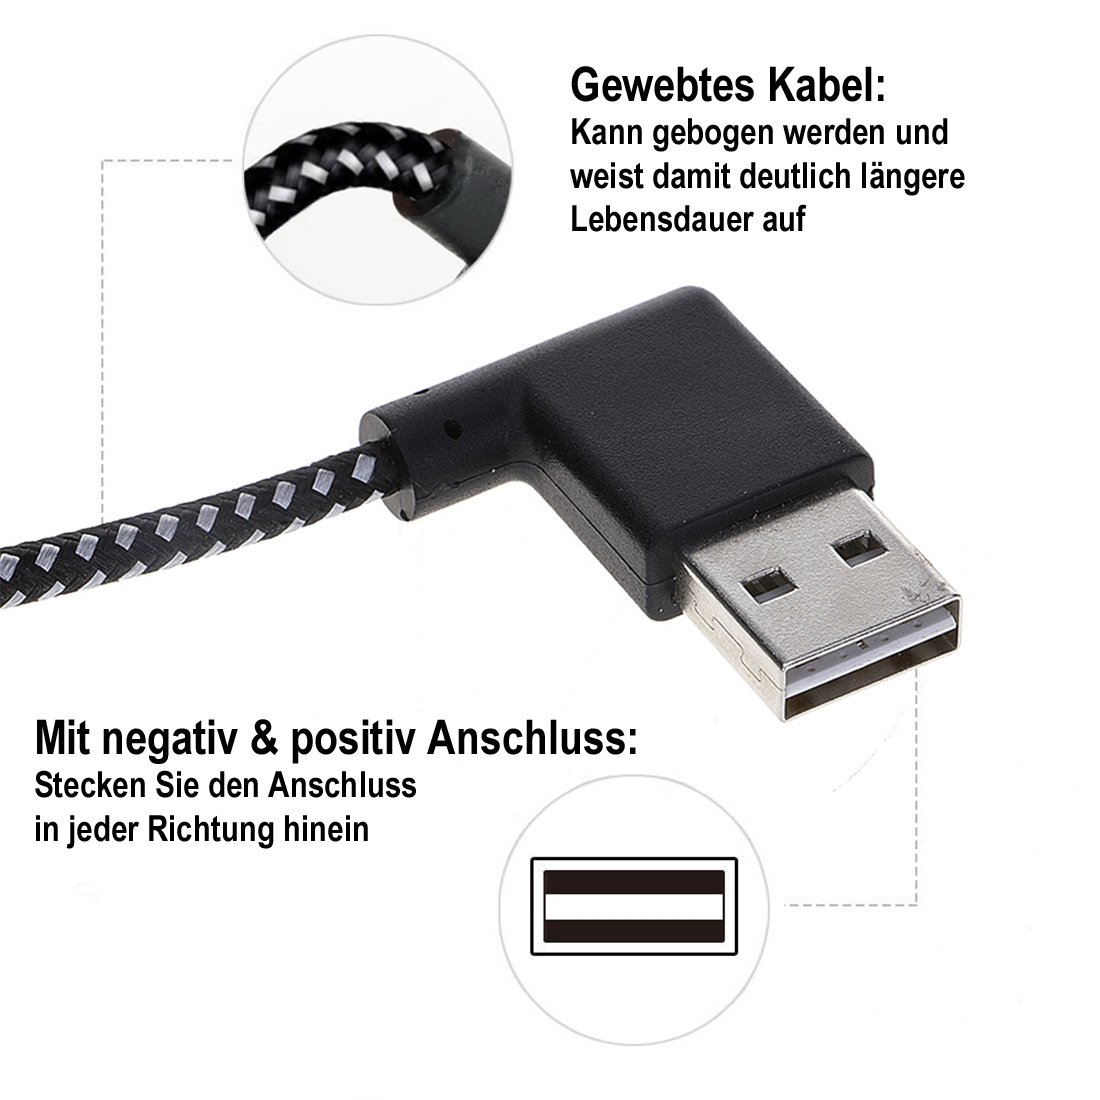 Magnetische Kabel Nylon Micro Usb Magnet Kabel Für Huawei P20 Lite Daten Ladegerät Kabel Für Xiaomi Samsung Iphone Handy Kabel Feine Verarbeitung Handy Kabel Handys & Telekommunikation